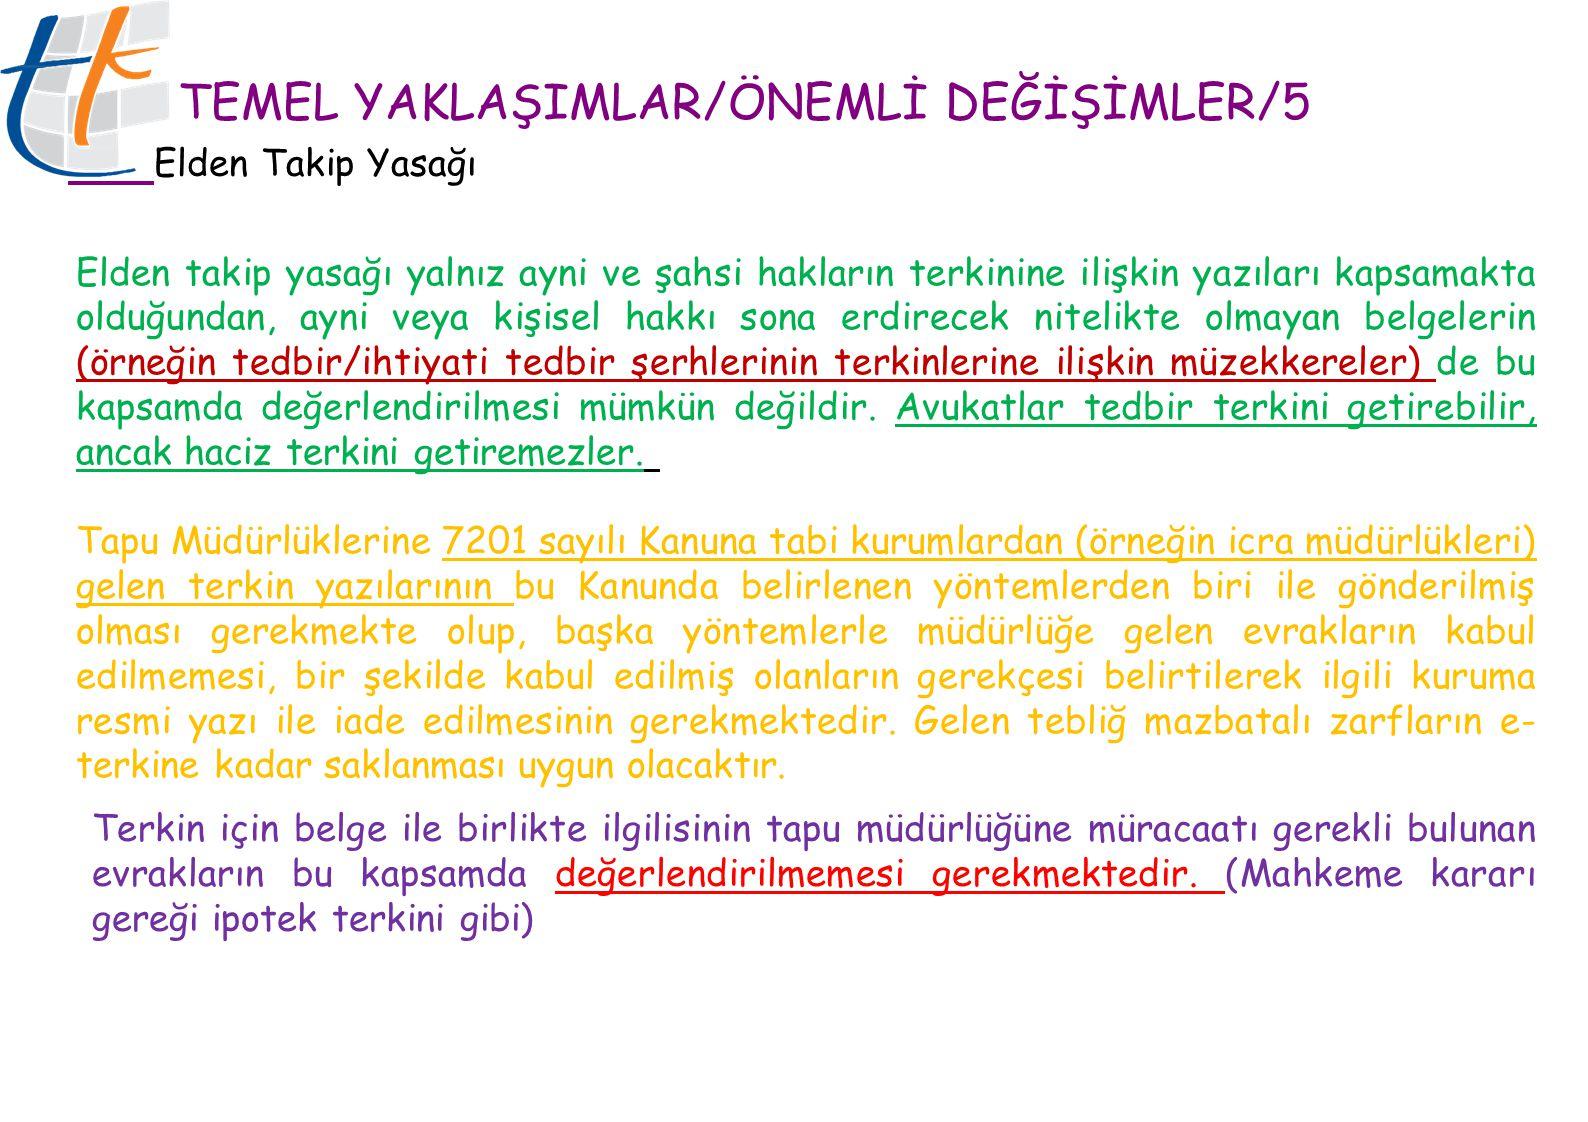 AZİLLER SİCİLİ Madde 77/1: (1) Vekâletten aziller, vekâlet verenlerin adının baş harfleri ve Türkiye Cumhuriyeti kimlik numarasına göre, her harf için sicilde ayrılan bölüme yazılır.